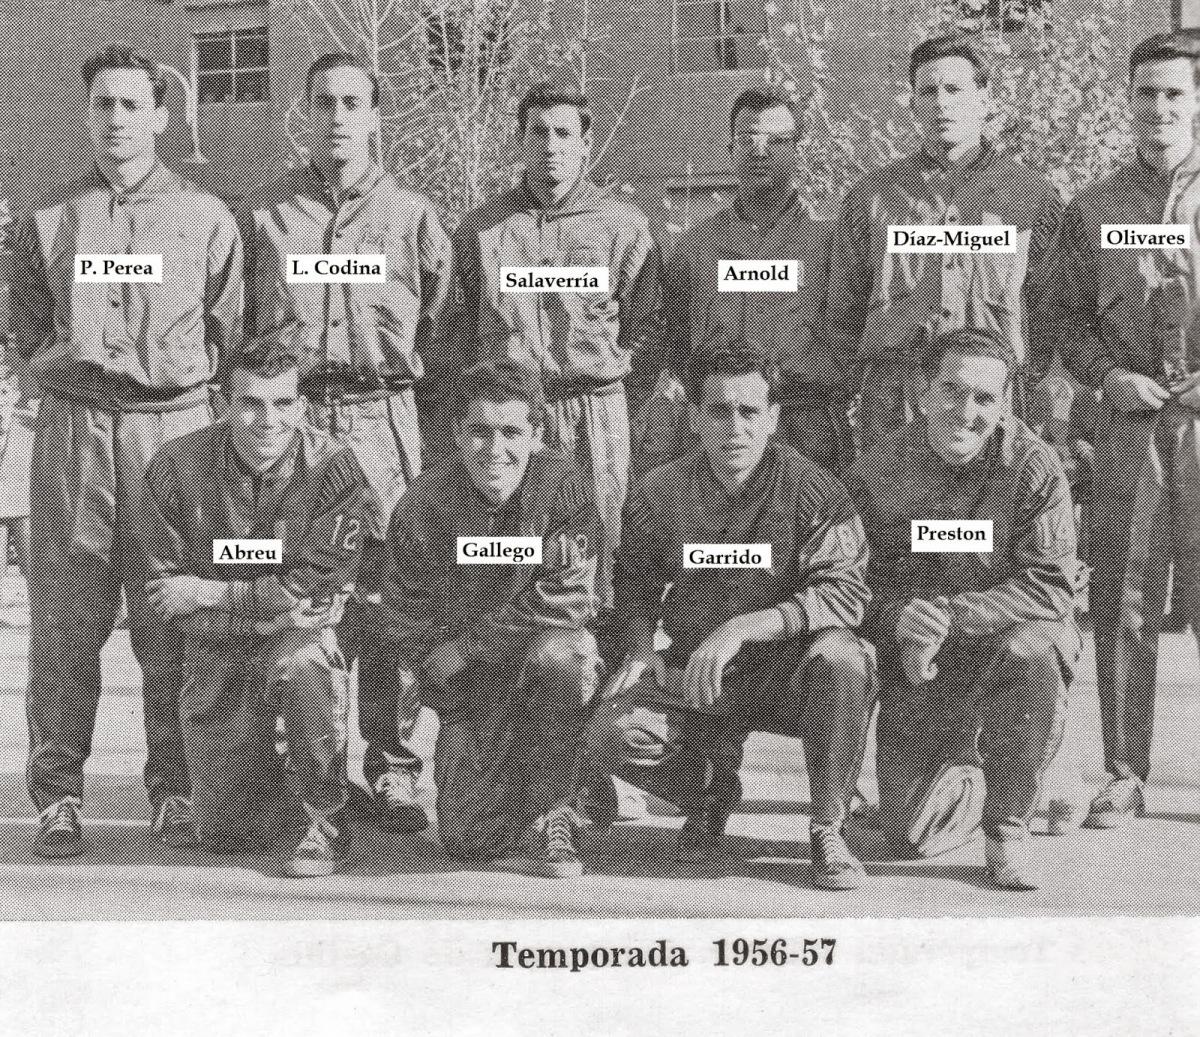 ¿Sabías que...? La primera edición de la liga española